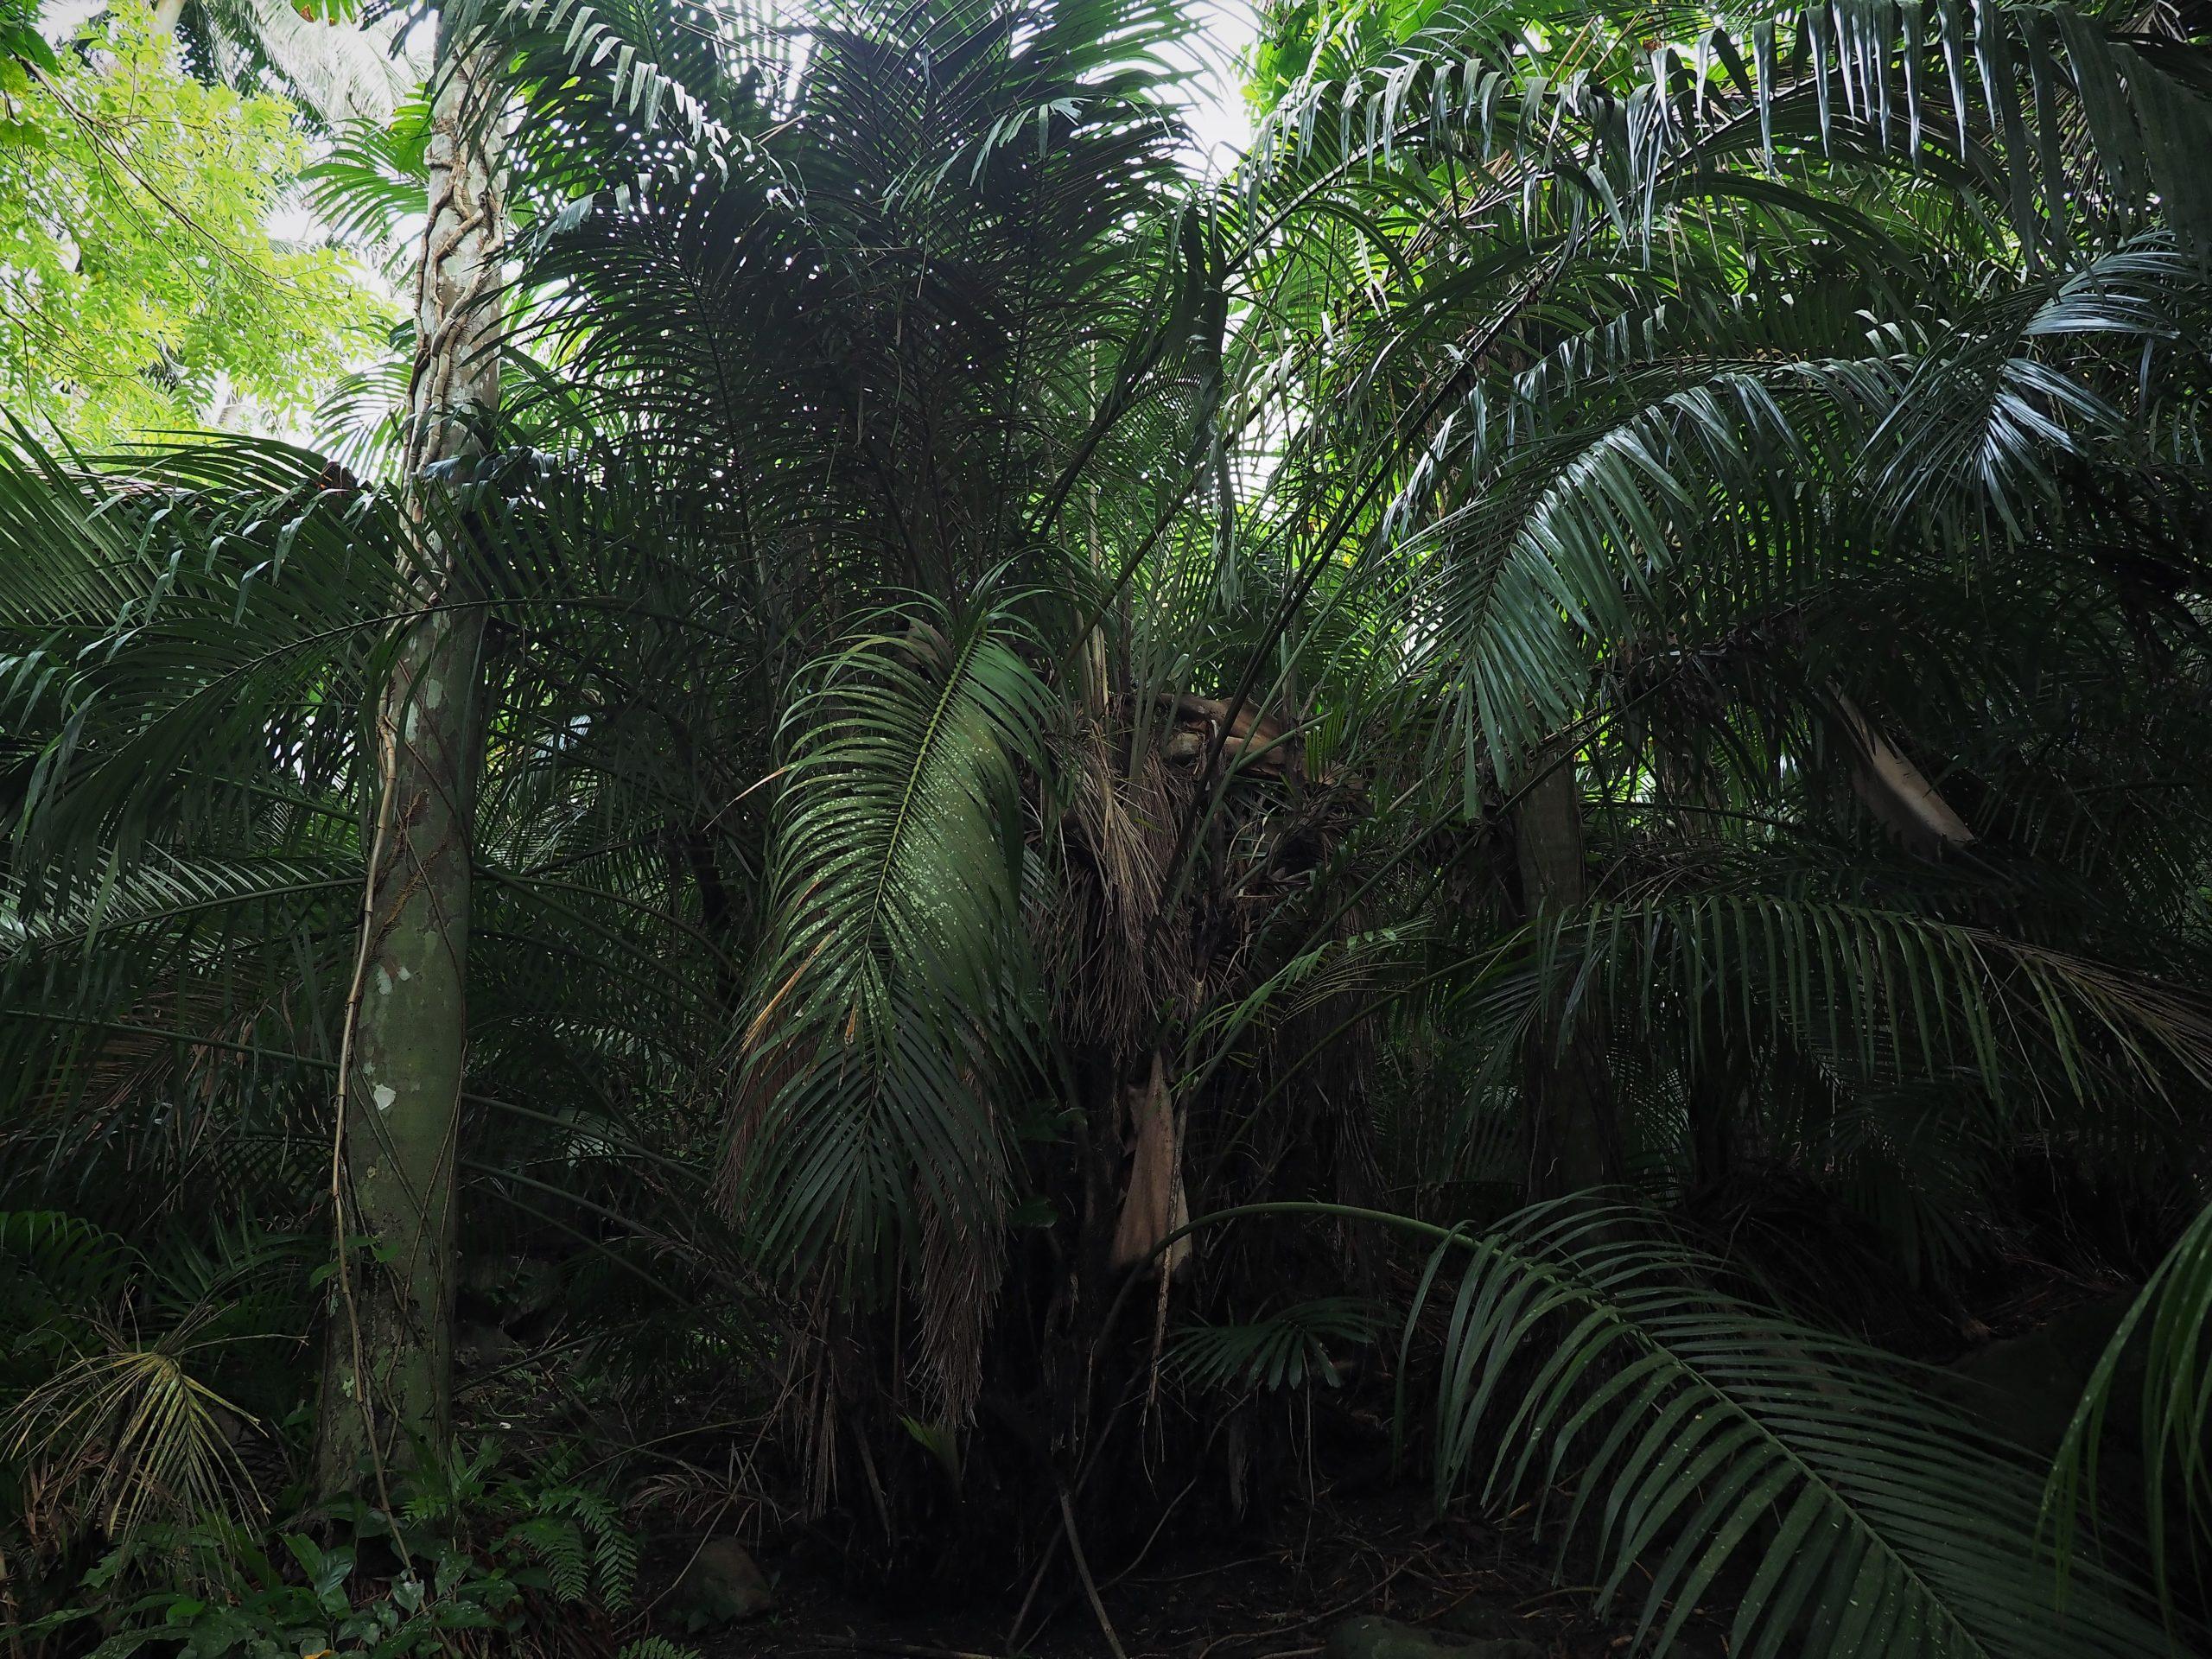 沖縄県 石垣島 米原のヤエヤマヤシ群落